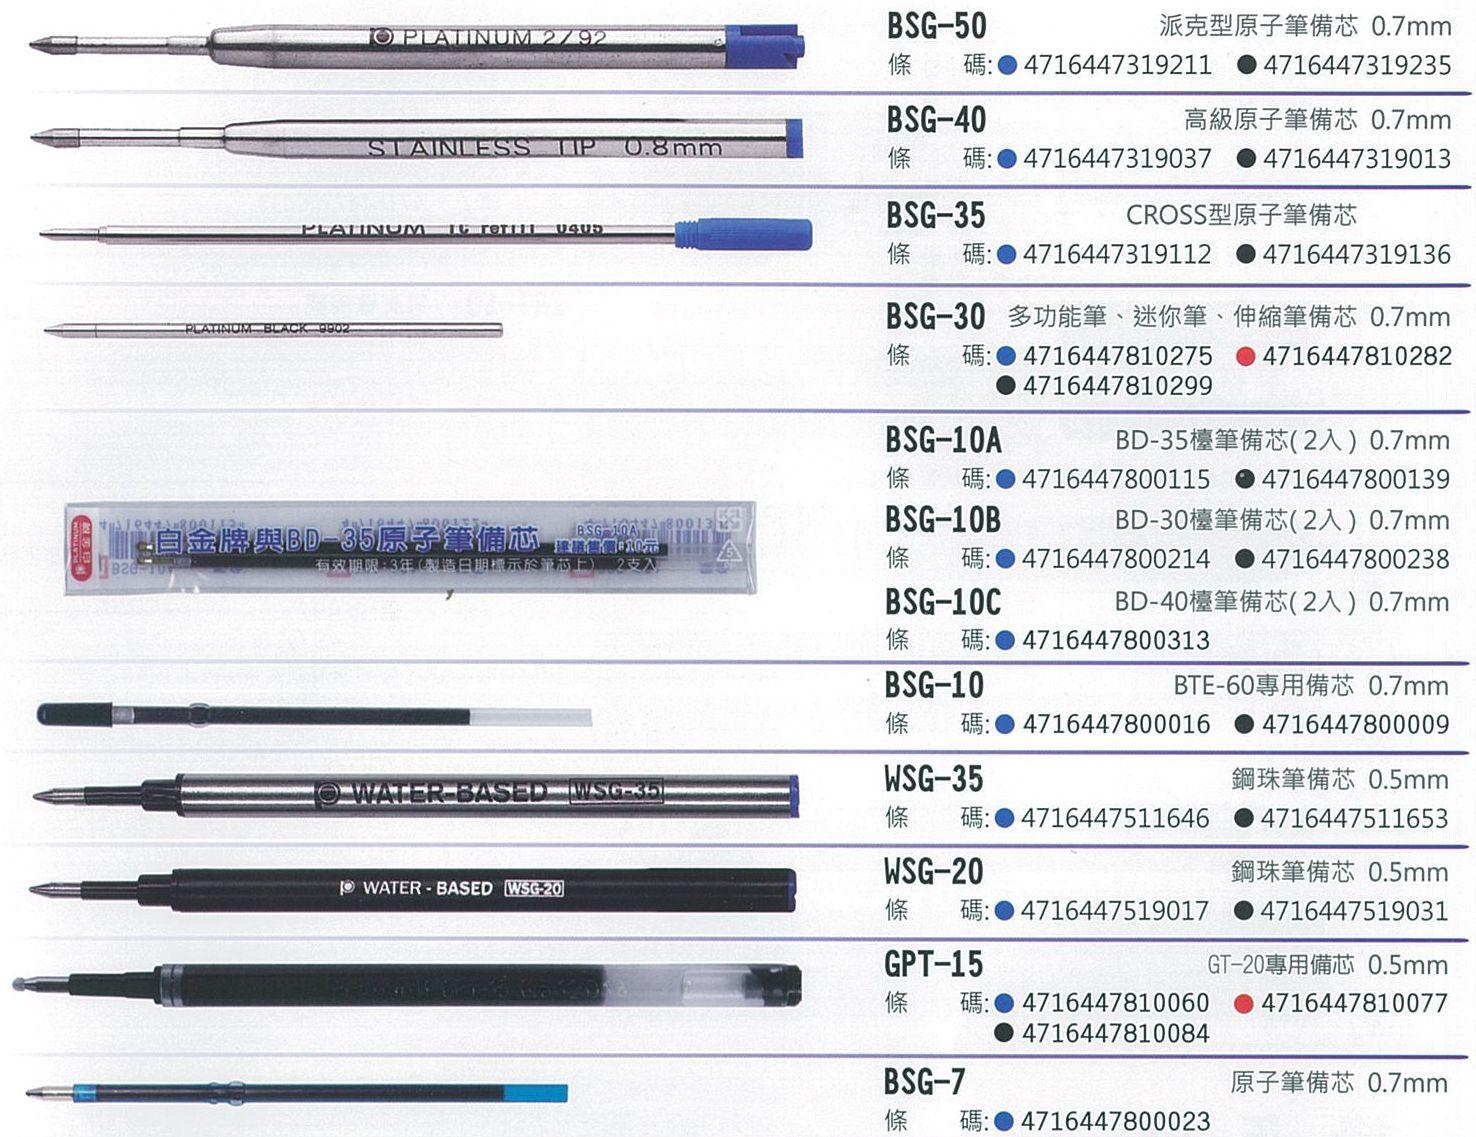 【文具通】PLATINUM 白金牌 BSG 原子筆芯 鋼珠筆芯 替芯 S1010052